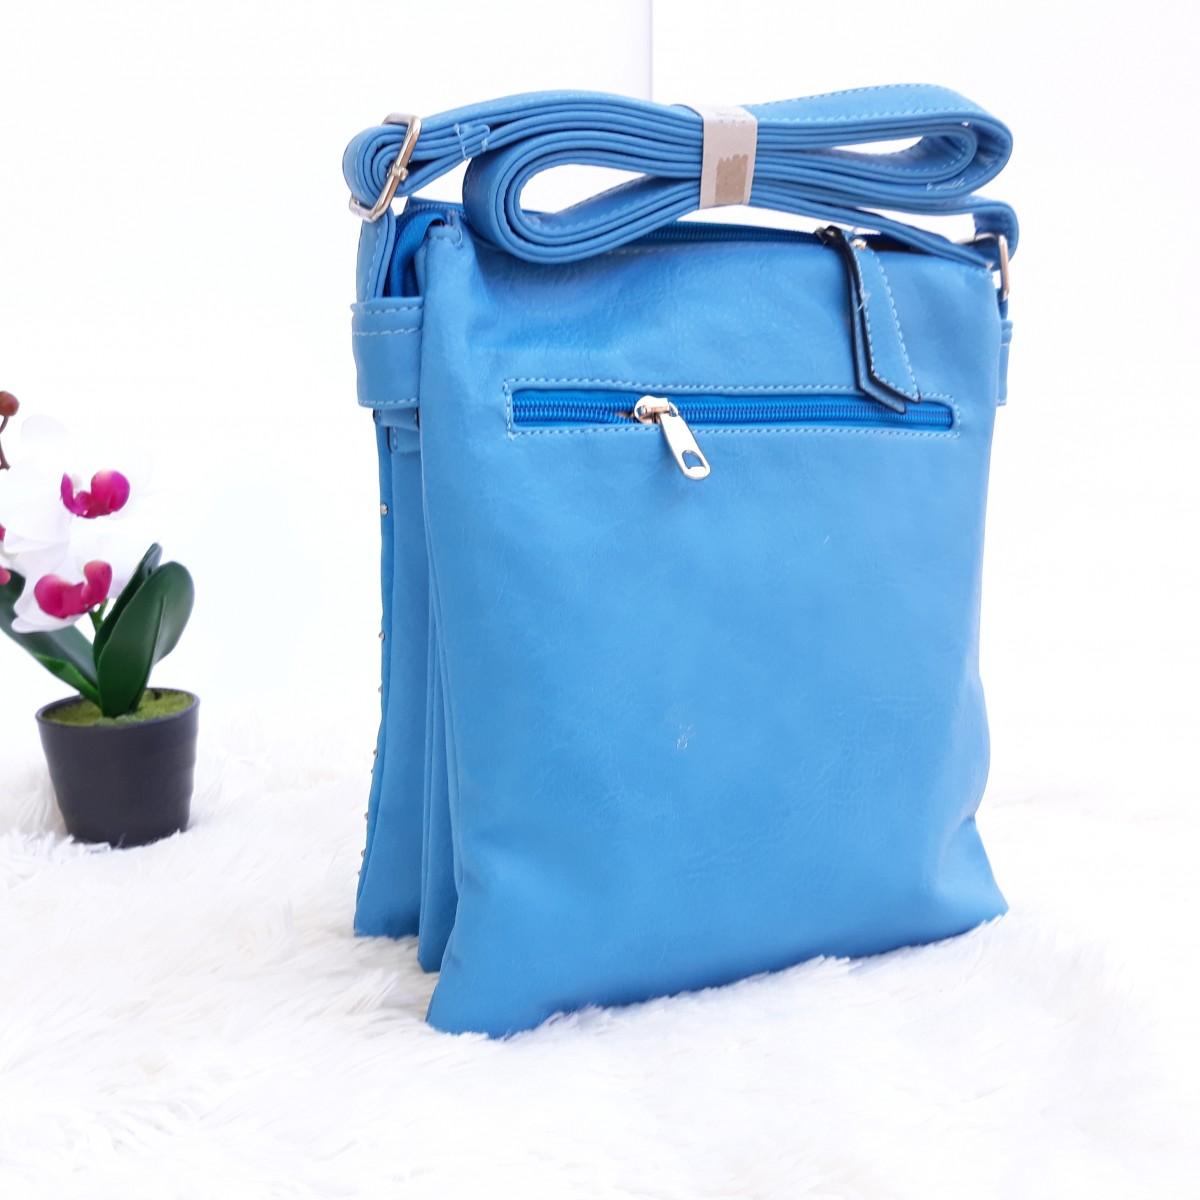 Дамски чанти през рамо в син цвят - код 2825 Снимка 2 от 2